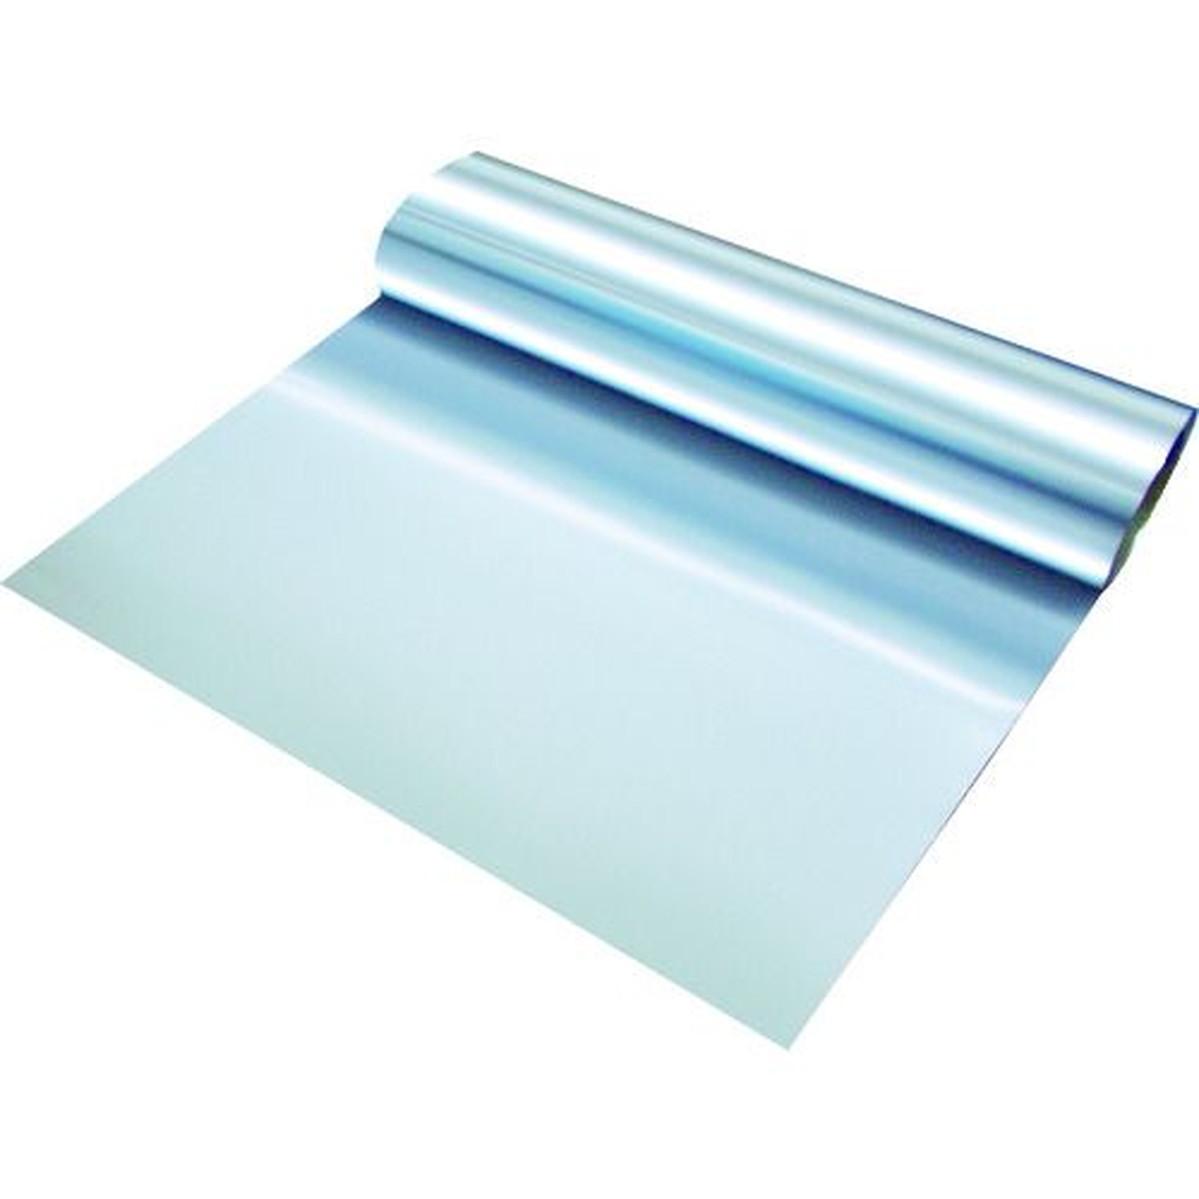 あす楽対応 DIY用品 TRUSCO 高級品 幅450mmX長さ10m 1巻 割引 樹脂コーティングアルミ箔反射シート